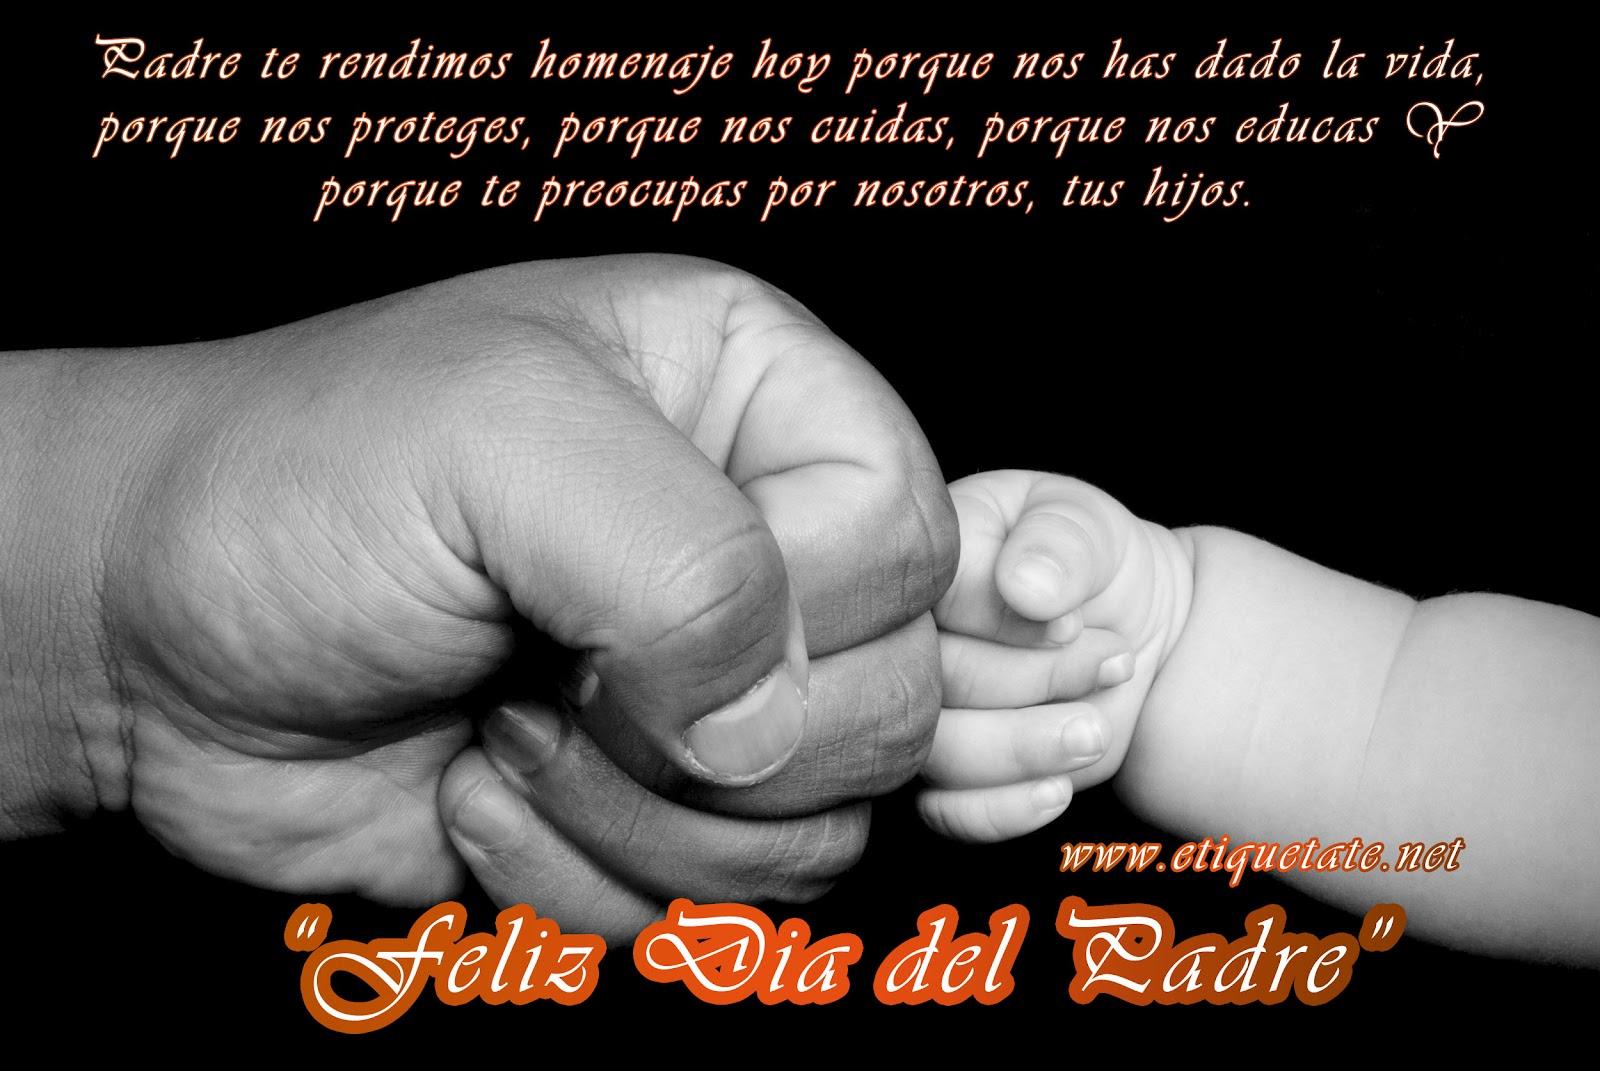 Frases Para El Facebook: Imágenes Para El Día Del Padre Gratis 2012